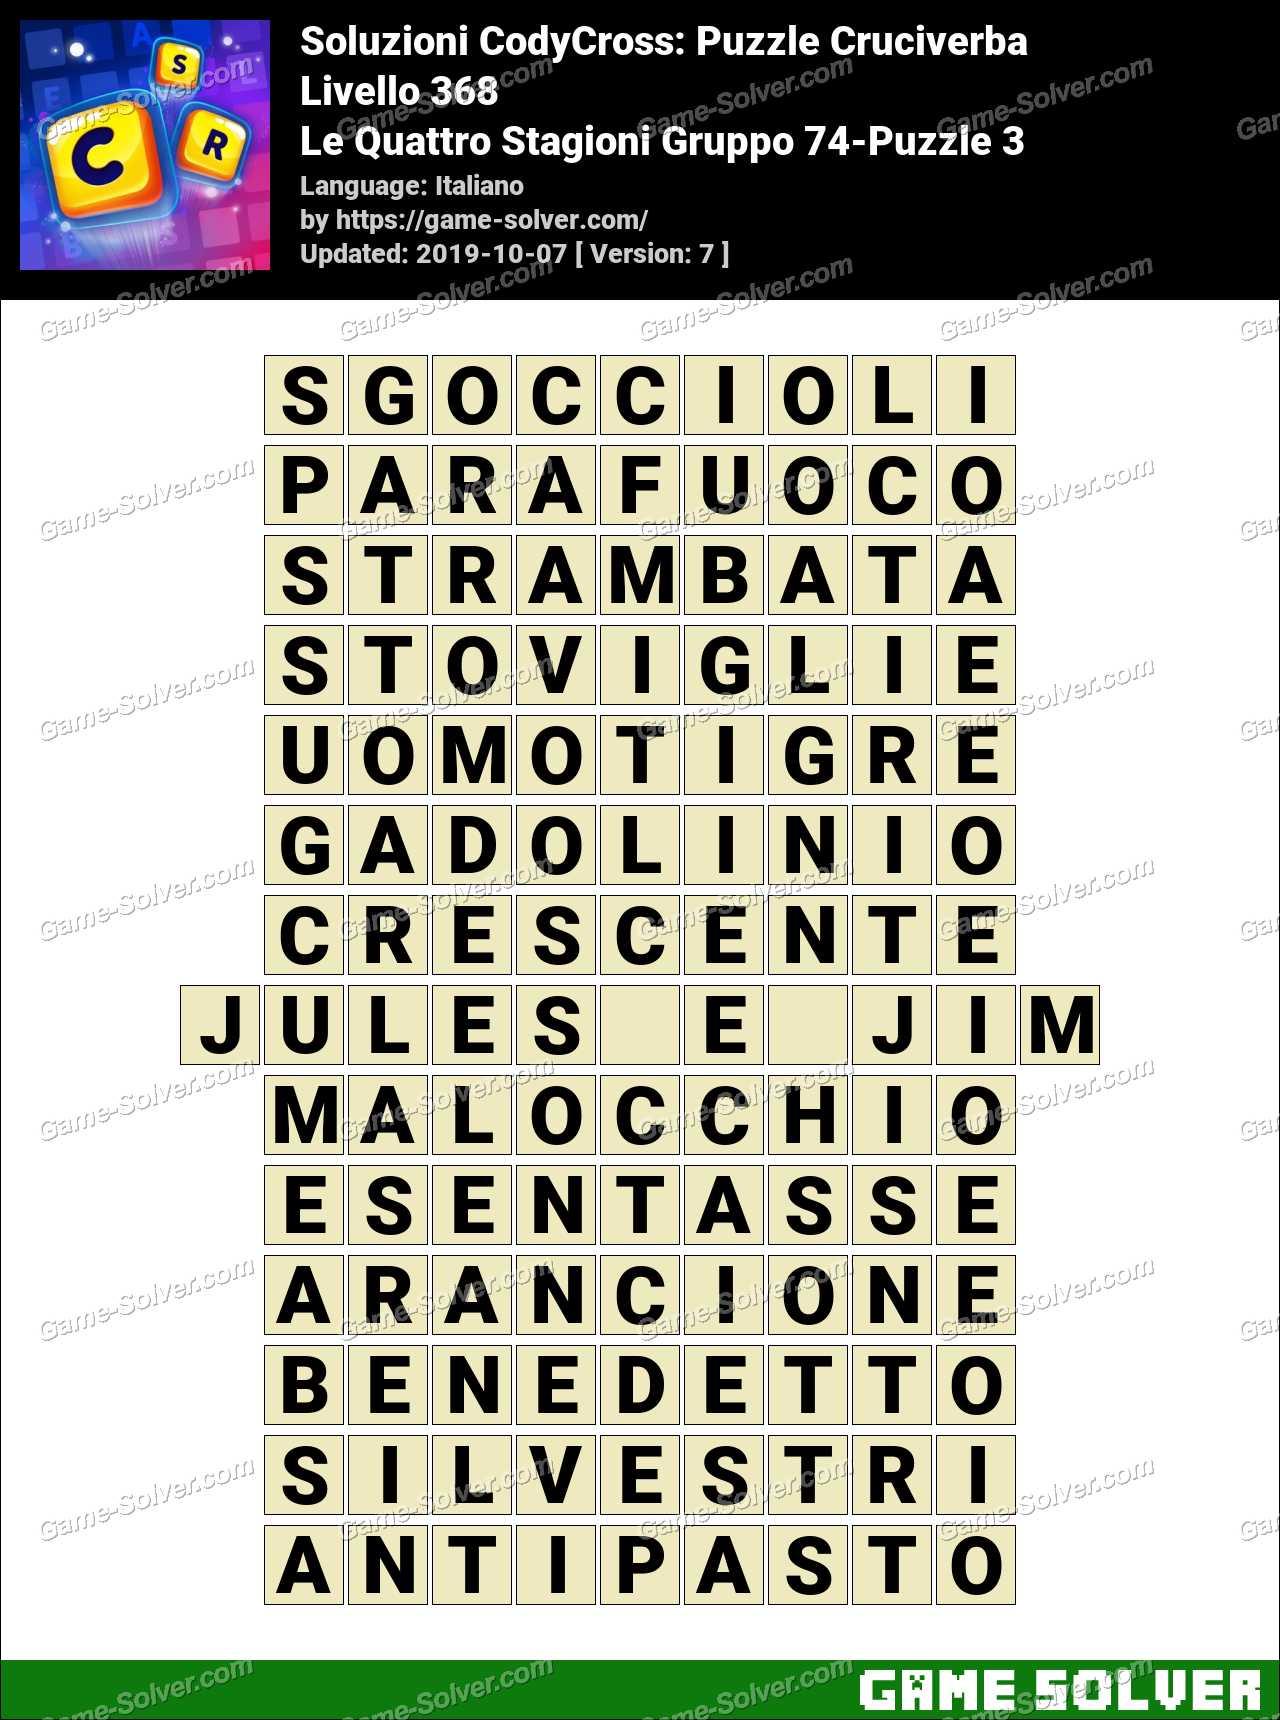 Soluzioni CodyCross Le Quattro Stagioni Gruppo 74-Puzzle 3